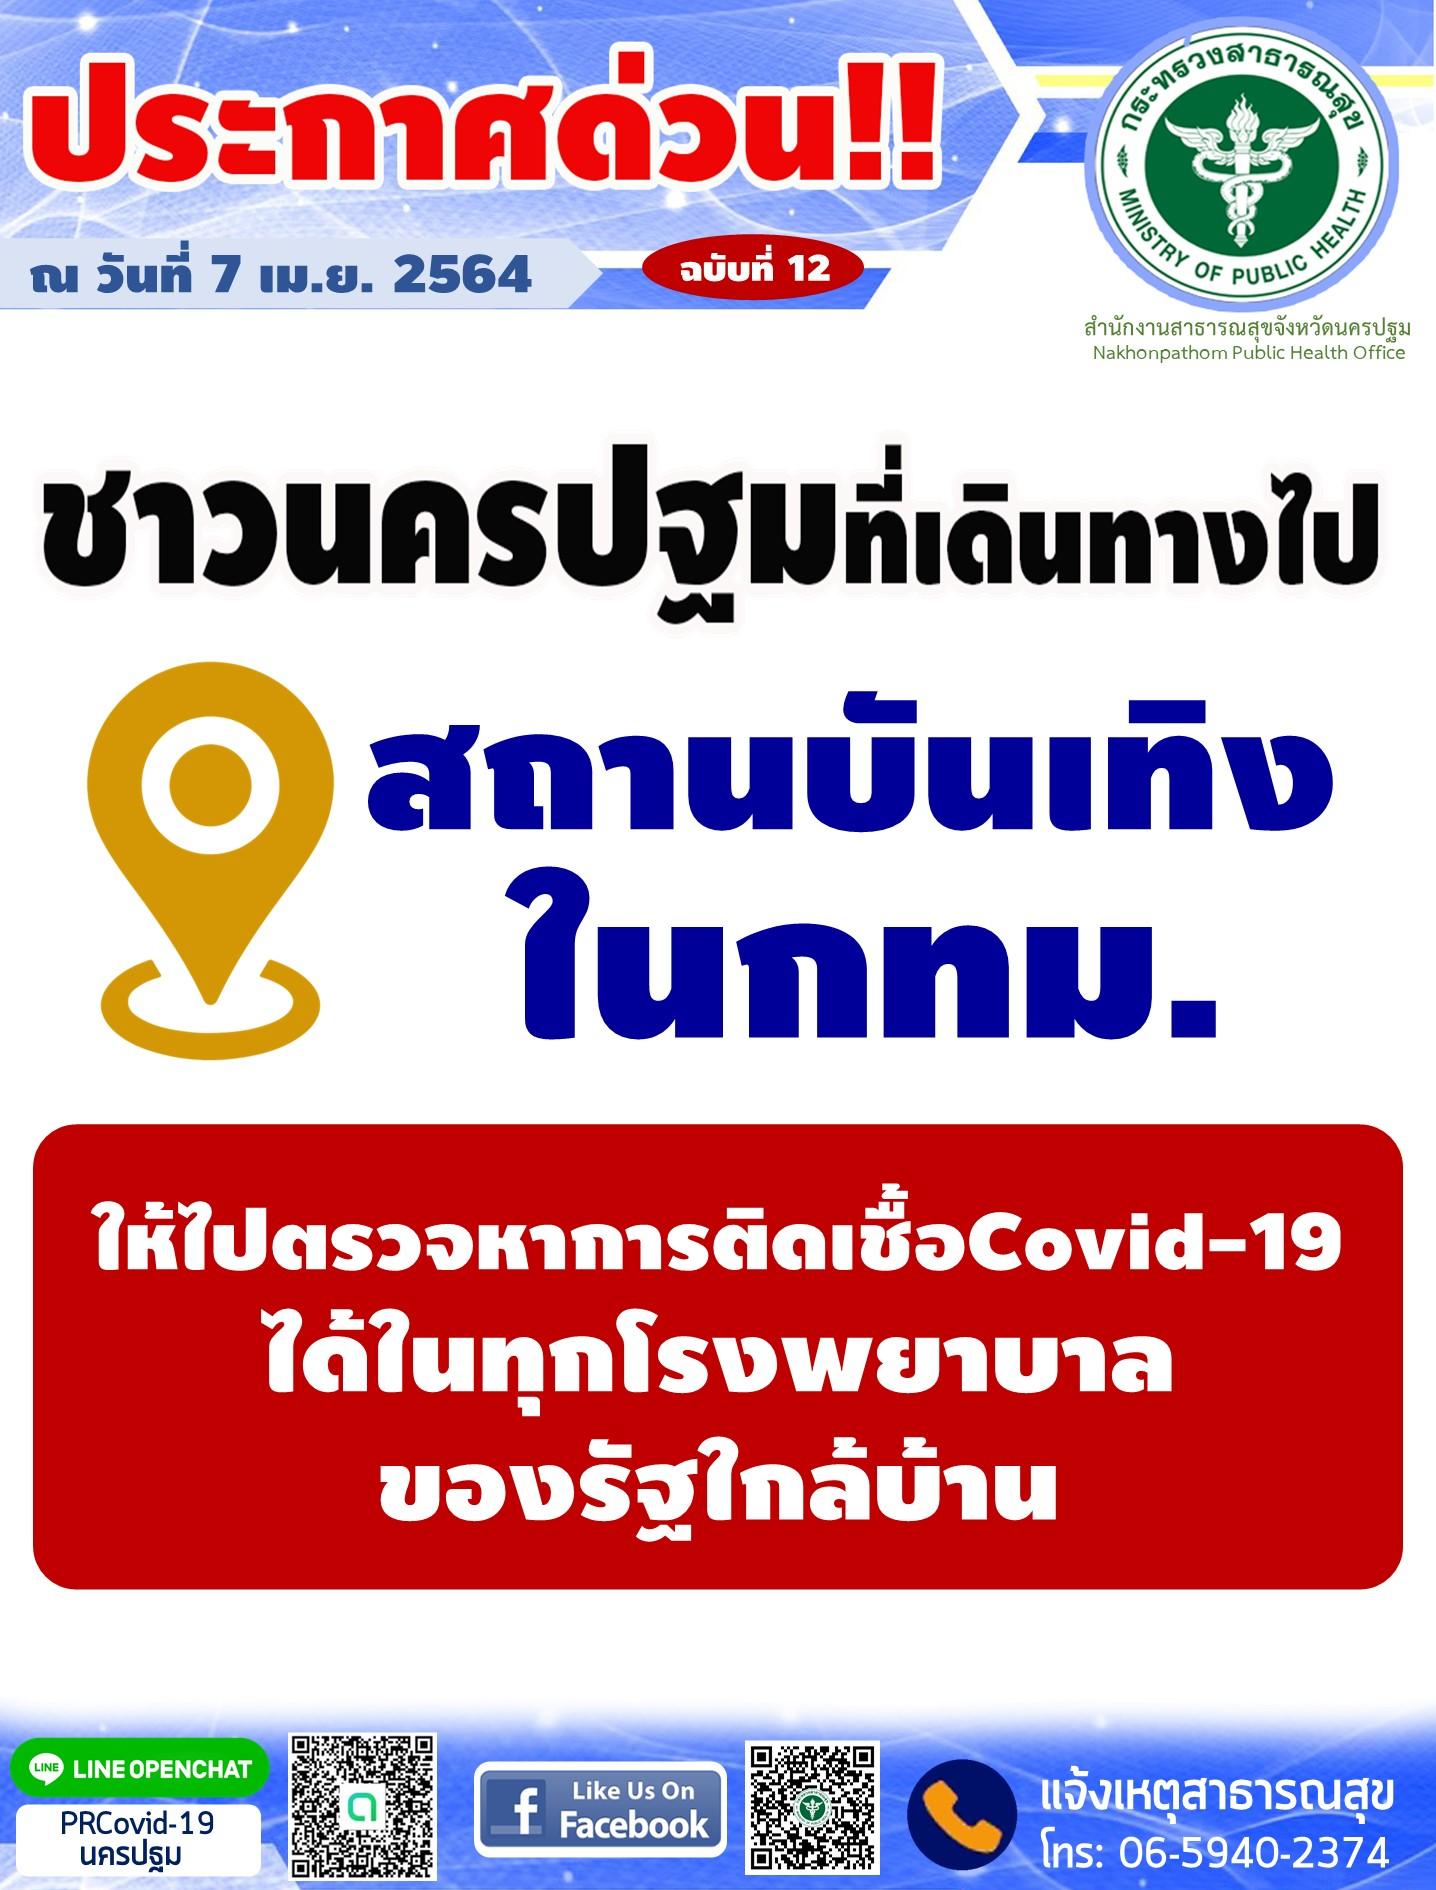 นครปฐม-ปชช.ที่เดินทางไปสถานบันเทิง กทม.โปรดติดต่อขอรับการตรวจCOVID-19